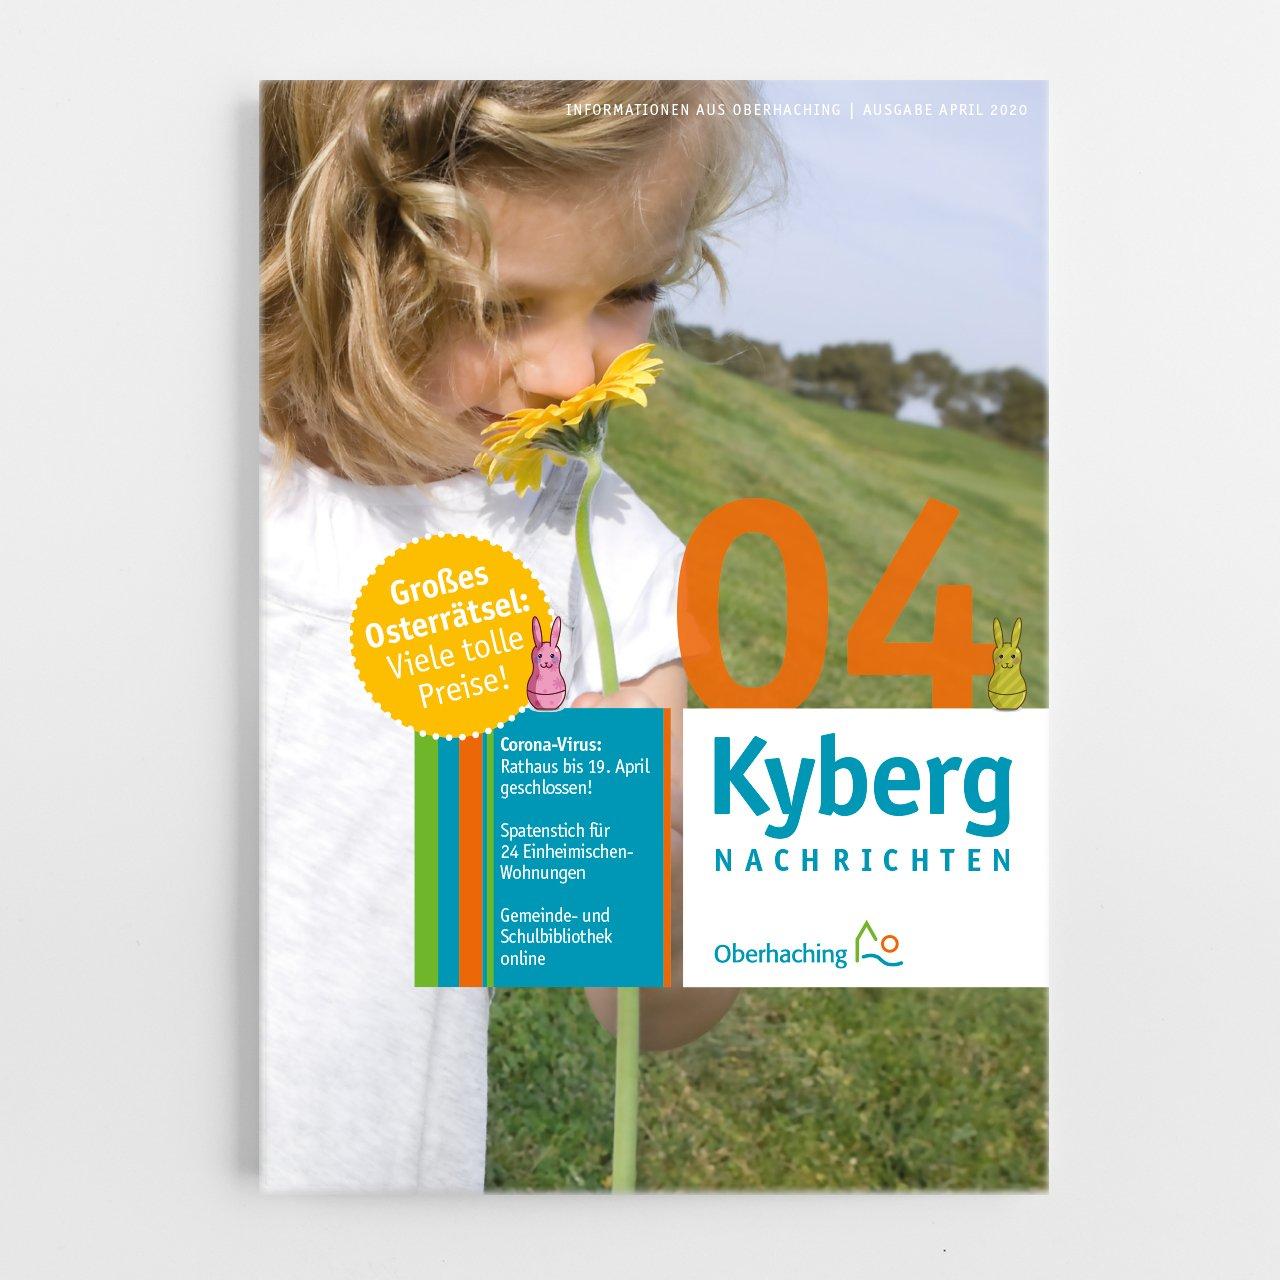 Kybergnachrichten_04/20